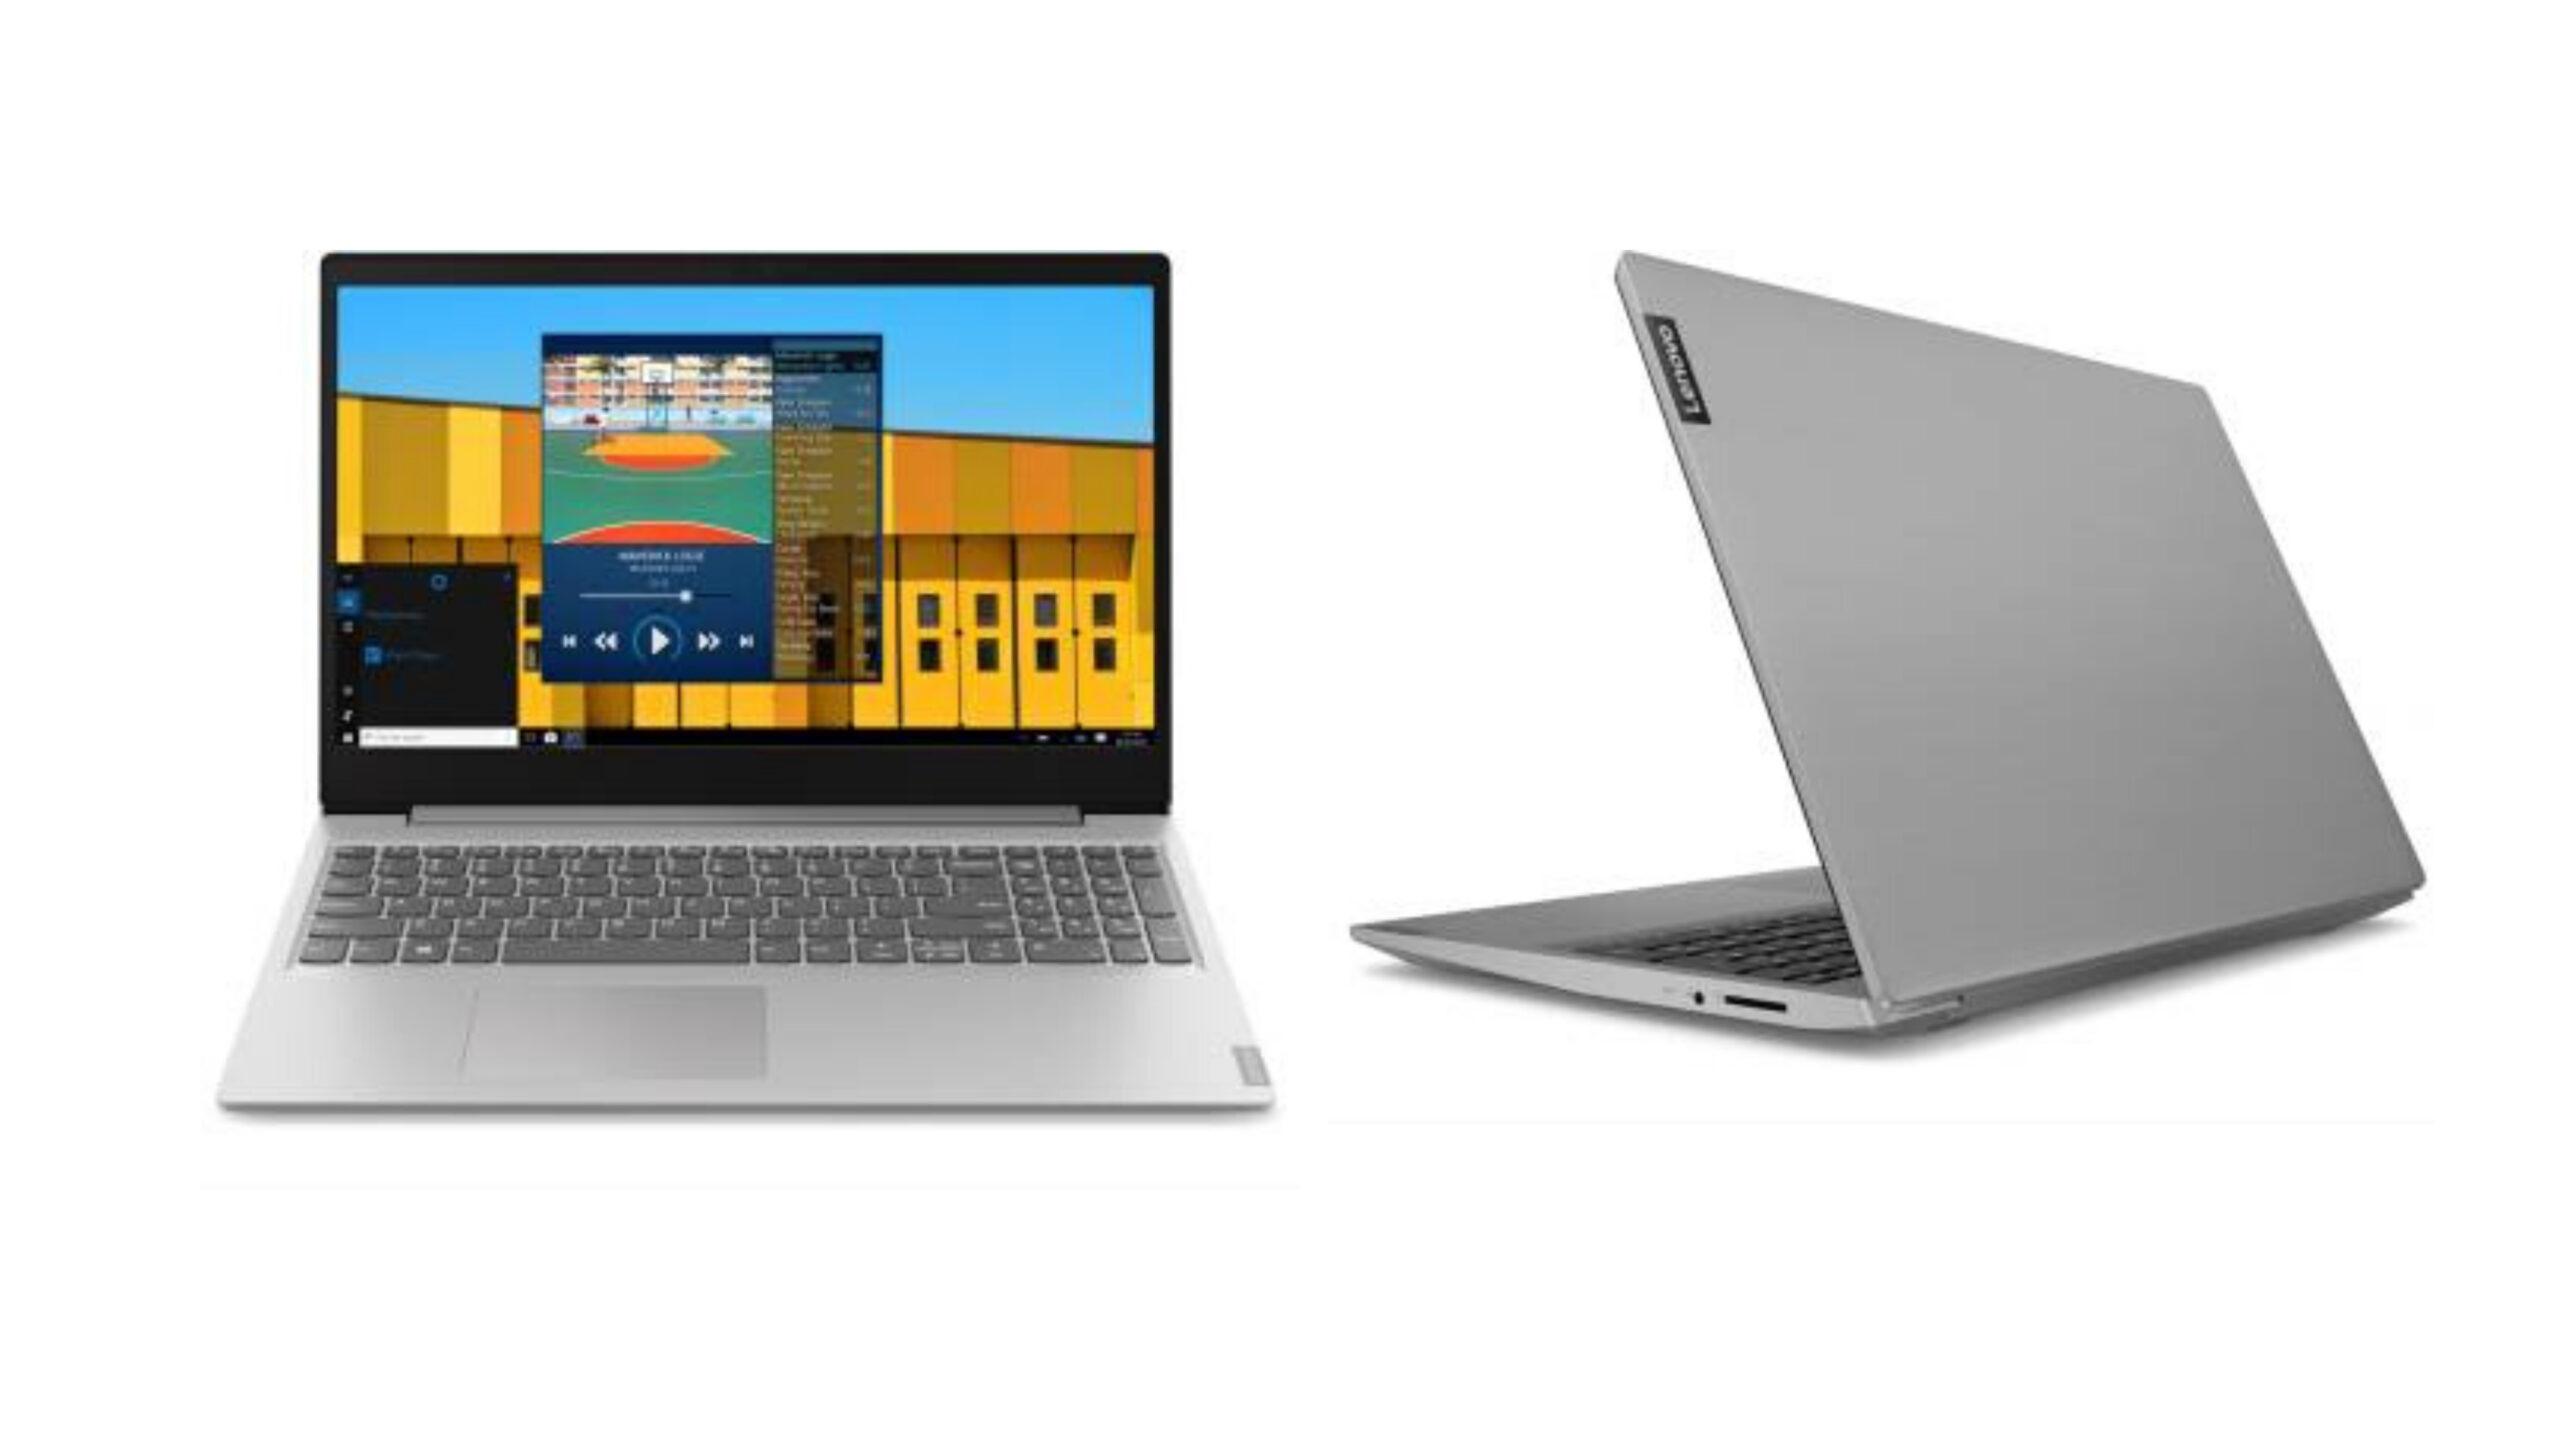 Lenovo Ideapad S145 Core i3 8th Gen 1TB